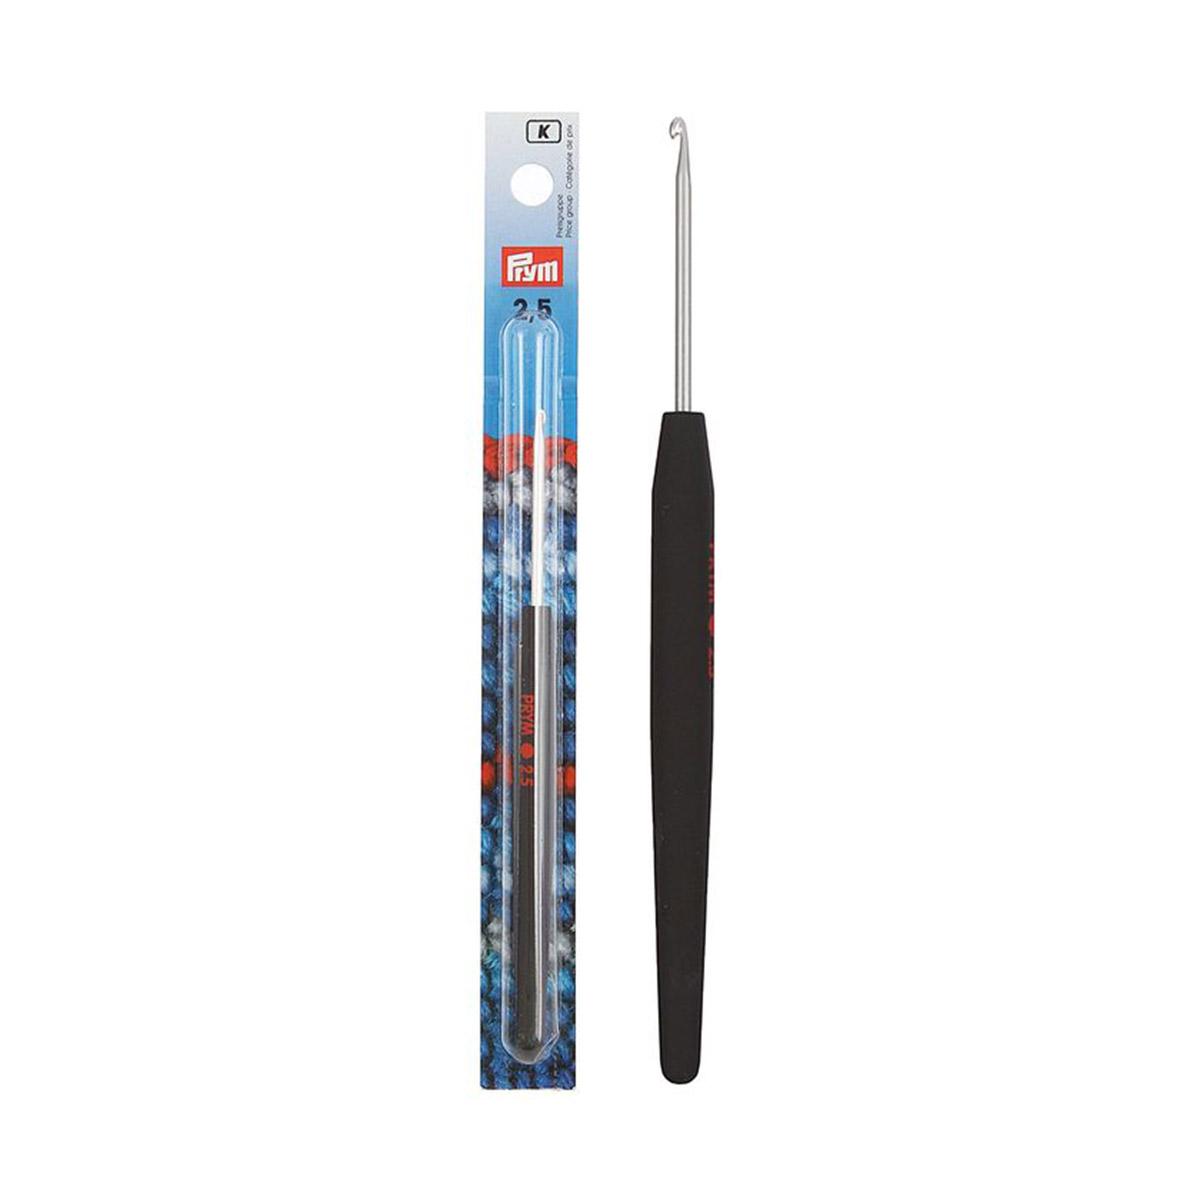 195173 Крючок SOFT вязальный с мягкой ручкой, алюм. 2,5 * 14 Prym